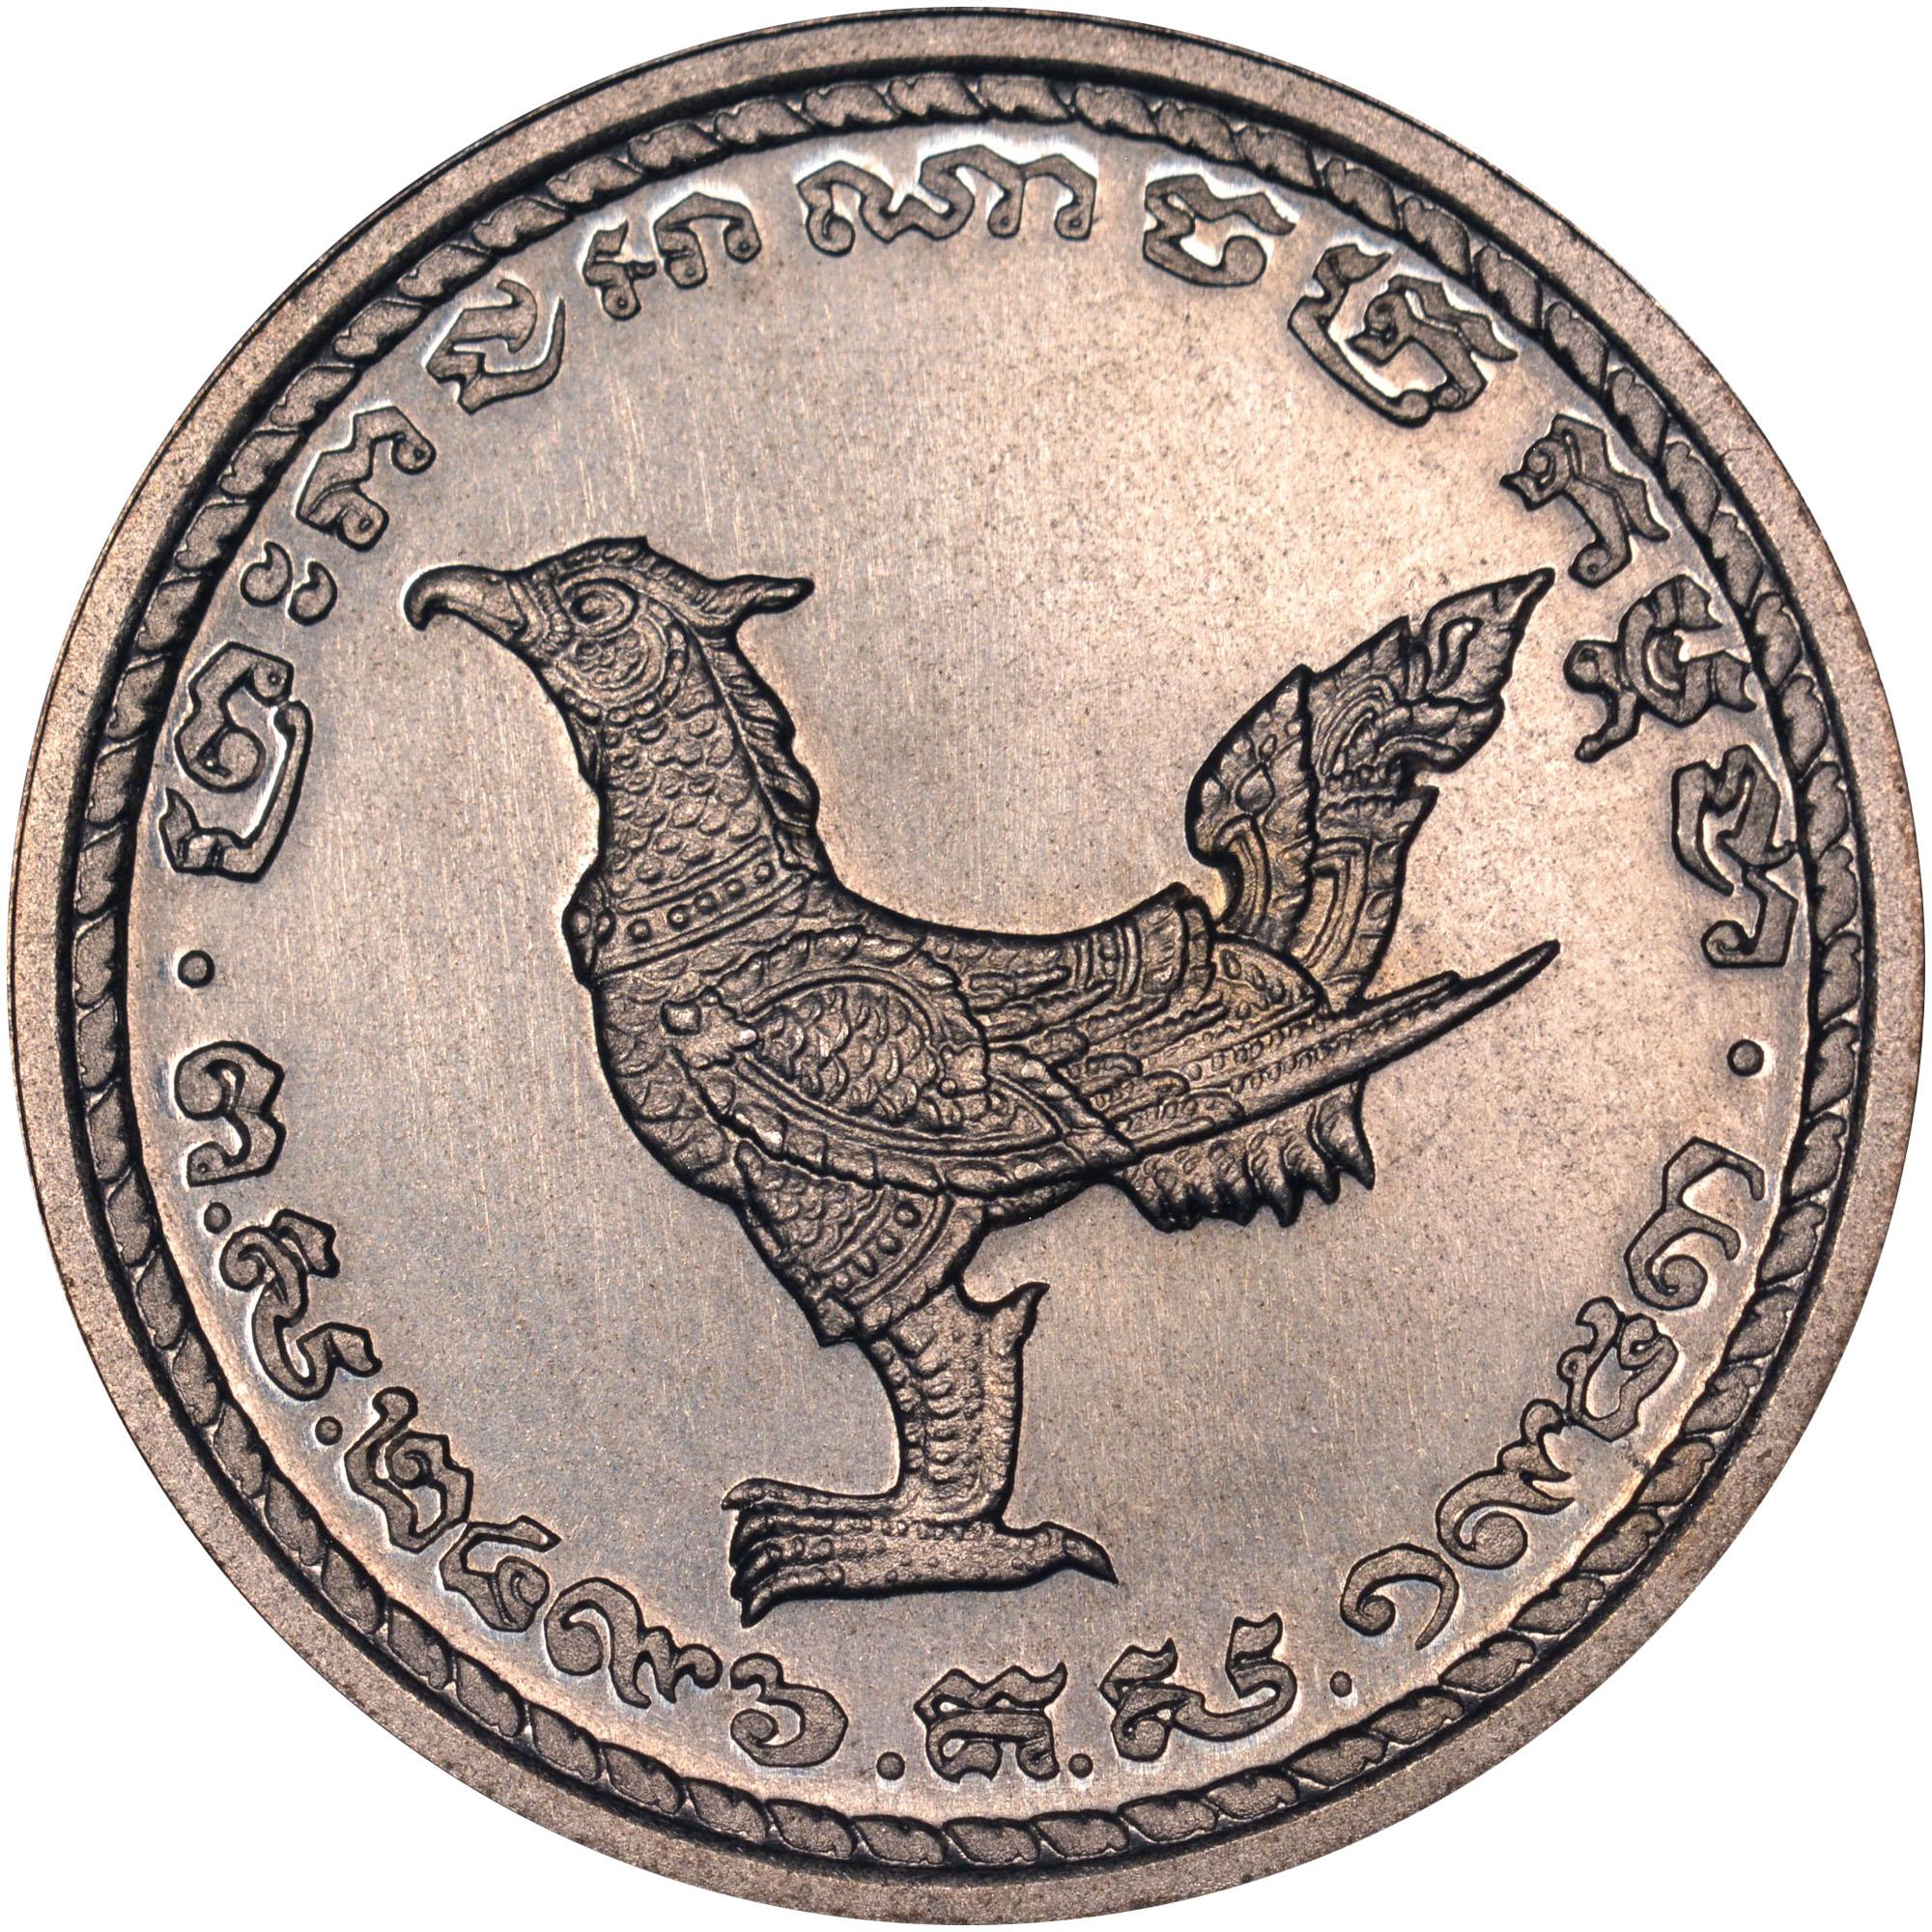 1953 Cambodia 10 Centimes obverse